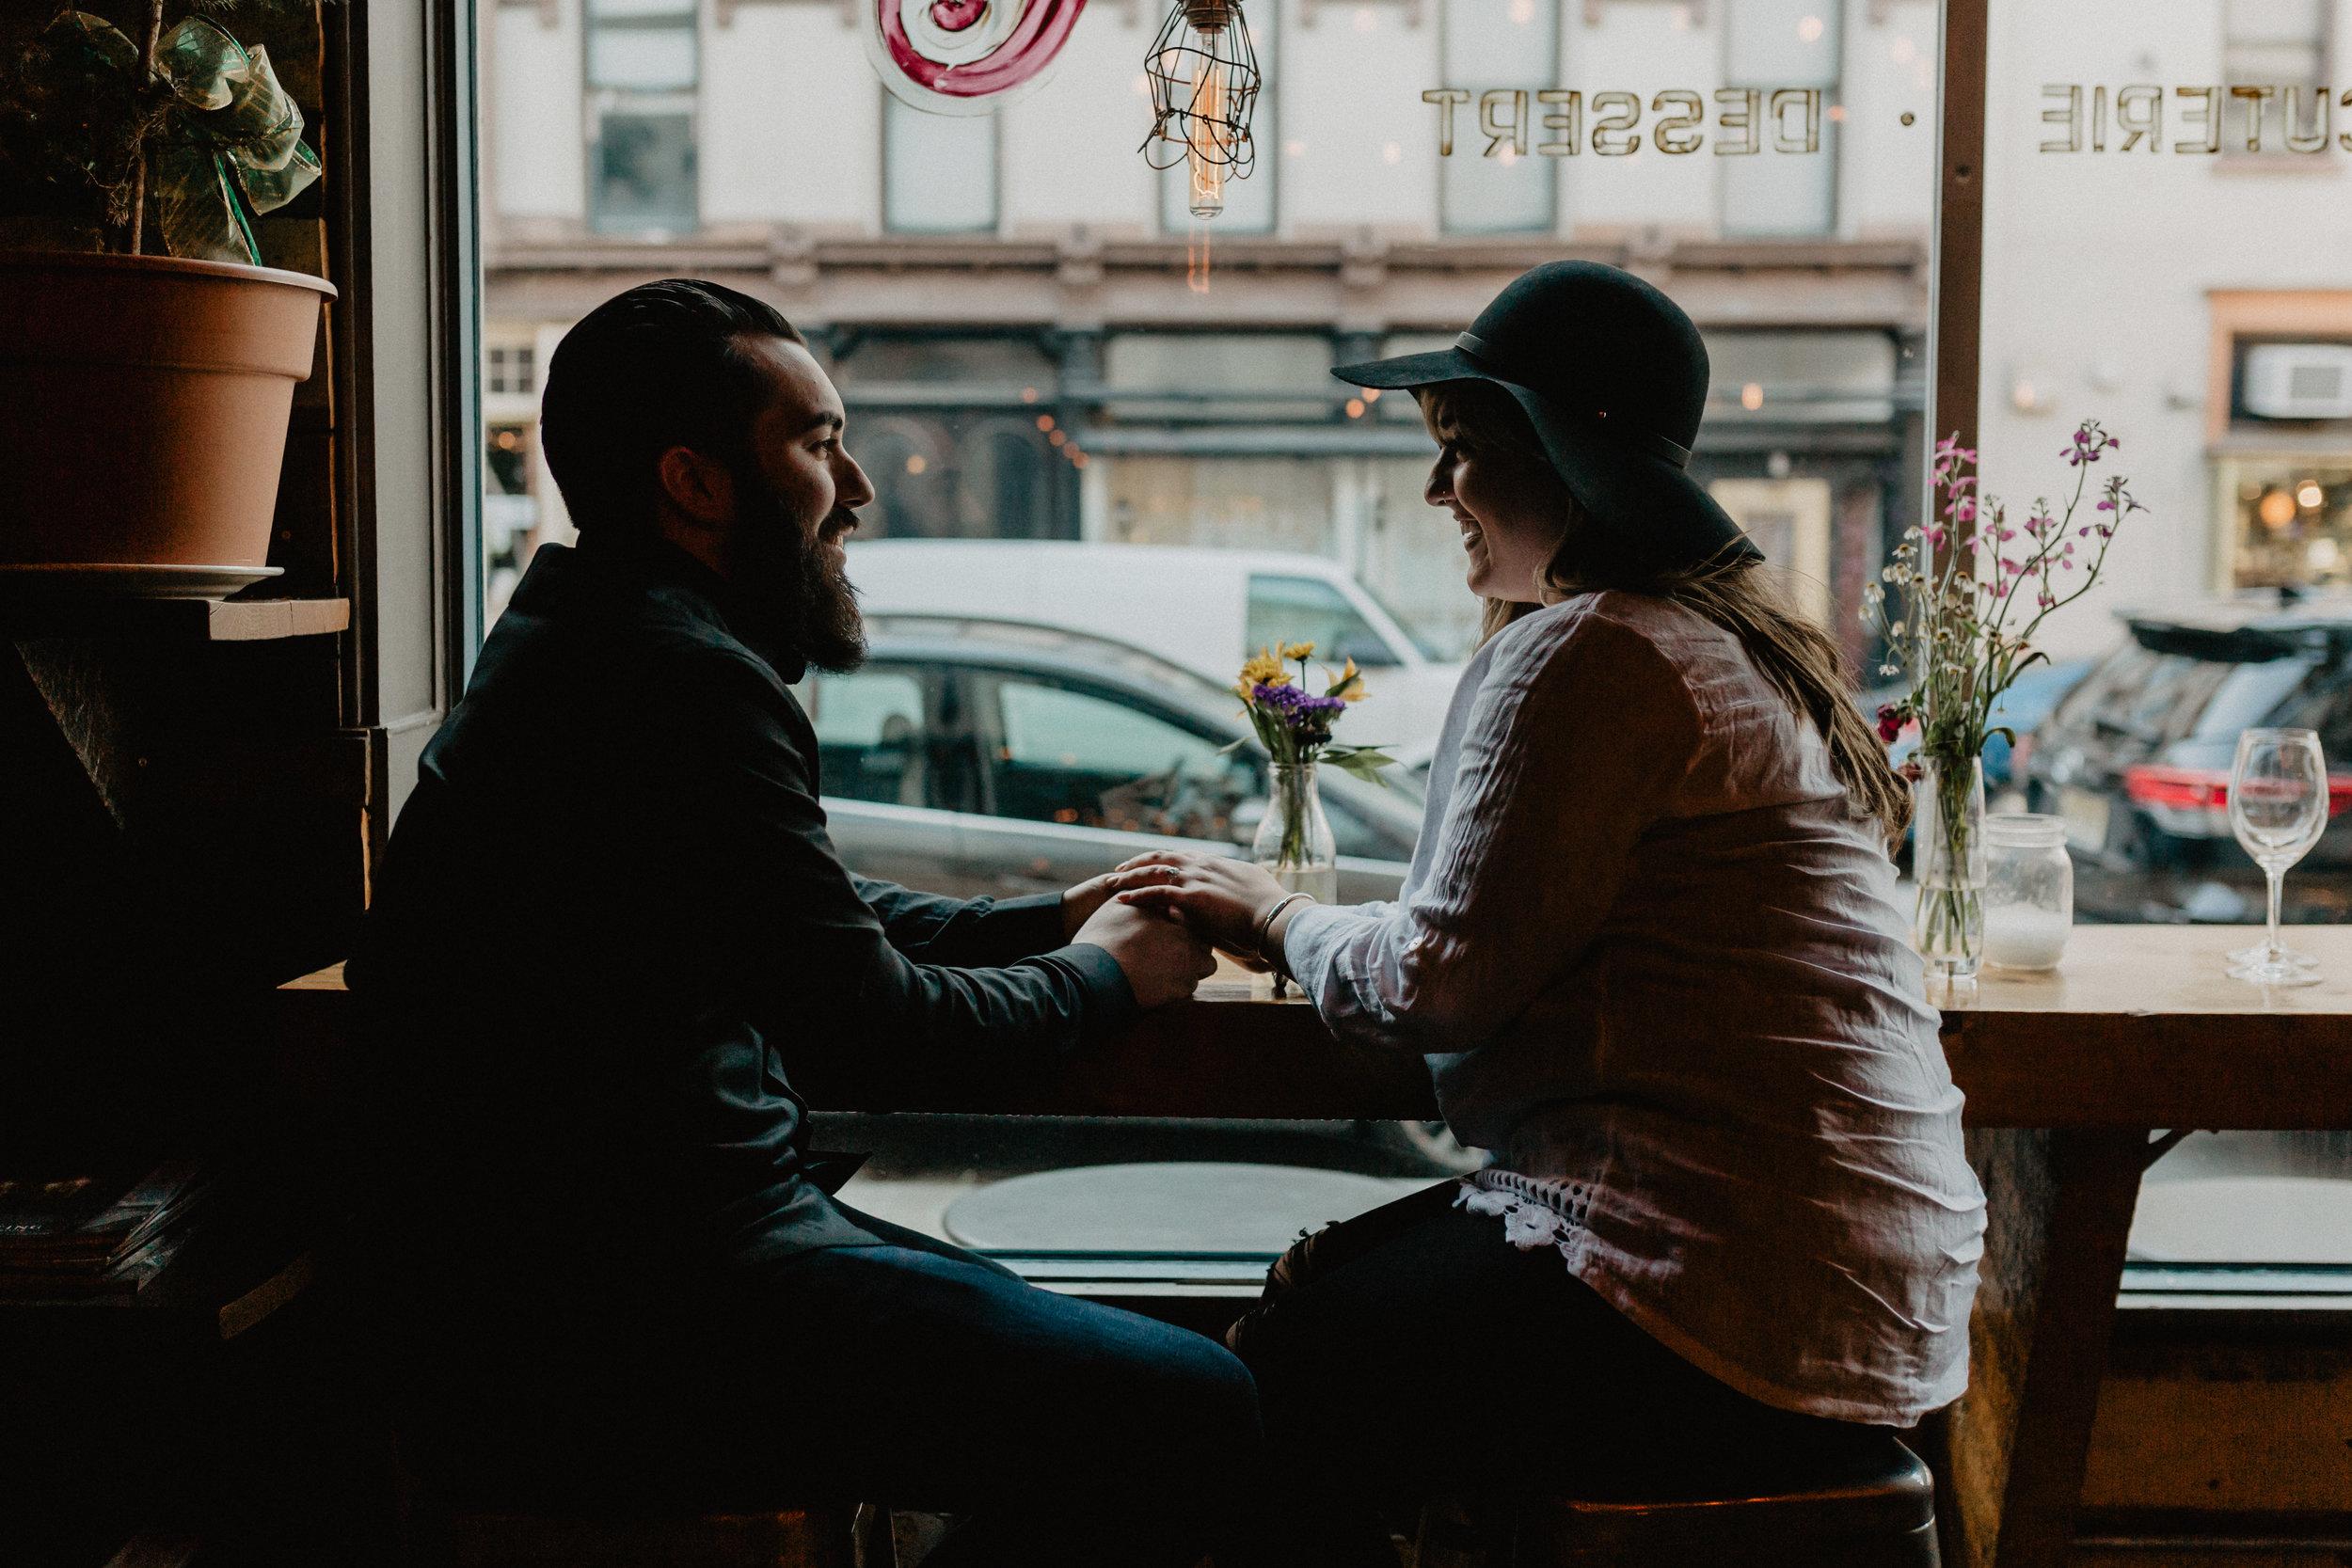 upstate_new_york_engagement-2.jpg